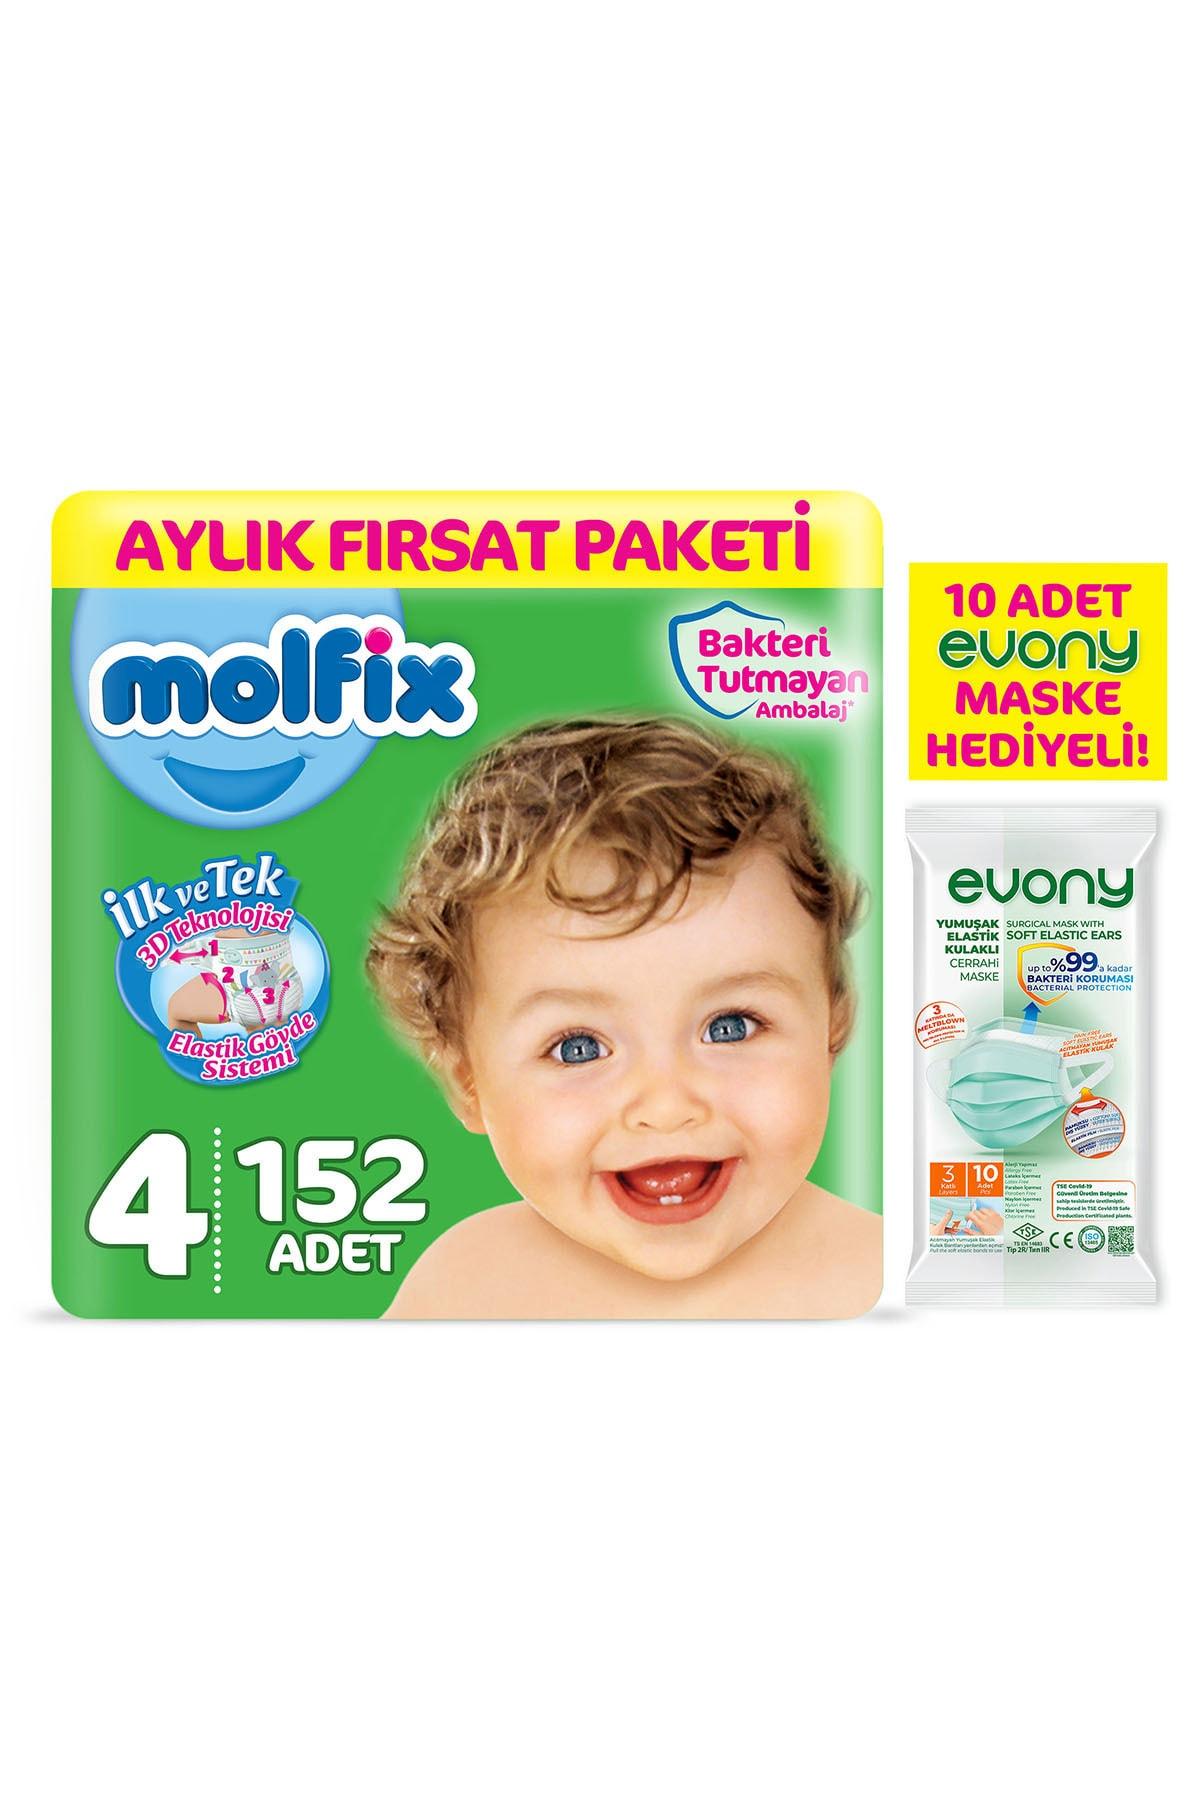 Molfix Bebek Bezi 4 Beden Maxi Aylık Fırsat Paketi 152 Adet + Evony Maske 10'lu Hediyeli 1